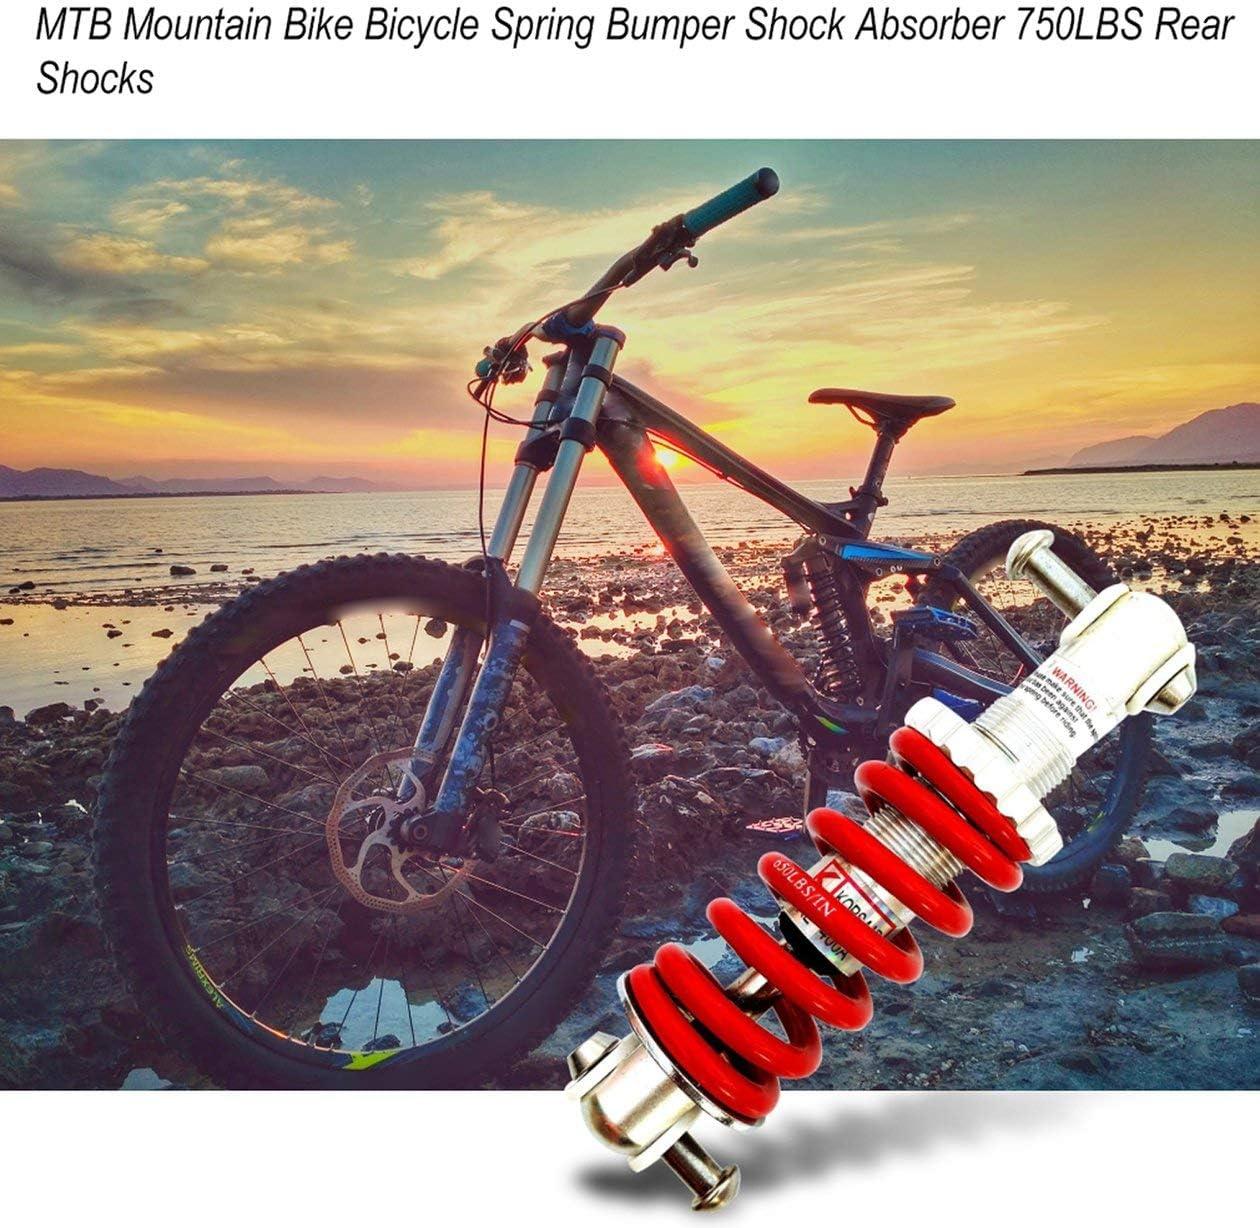 BIYI MTB Mountain Bike Bicycle Spring Bumper Amortiguador 750LBS Aleaci/ón de Aluminio para Piezas de Bicicleta Plegable Amortiguadores Traseros Rojo